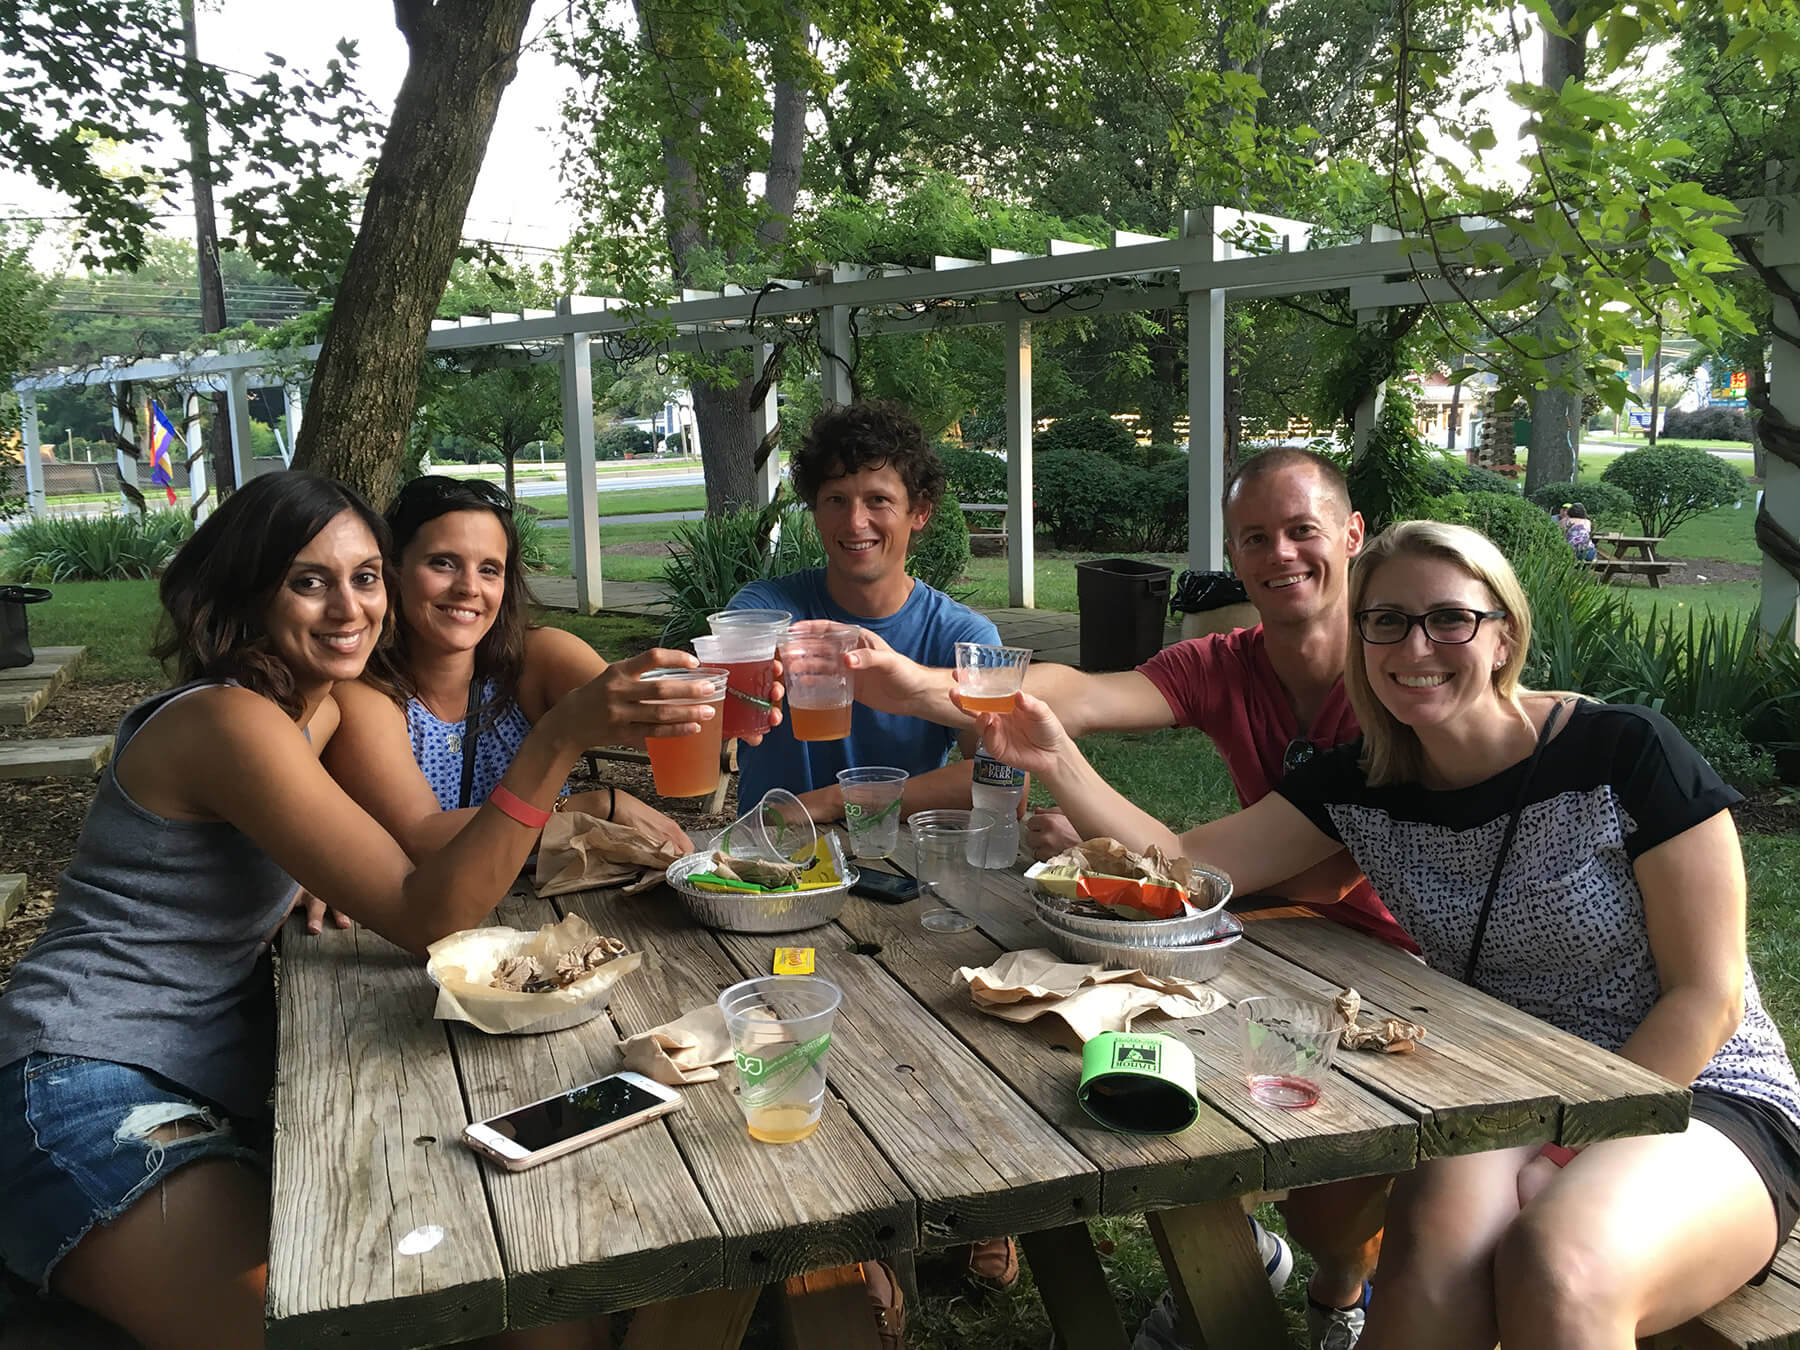 Summer Beer Garden